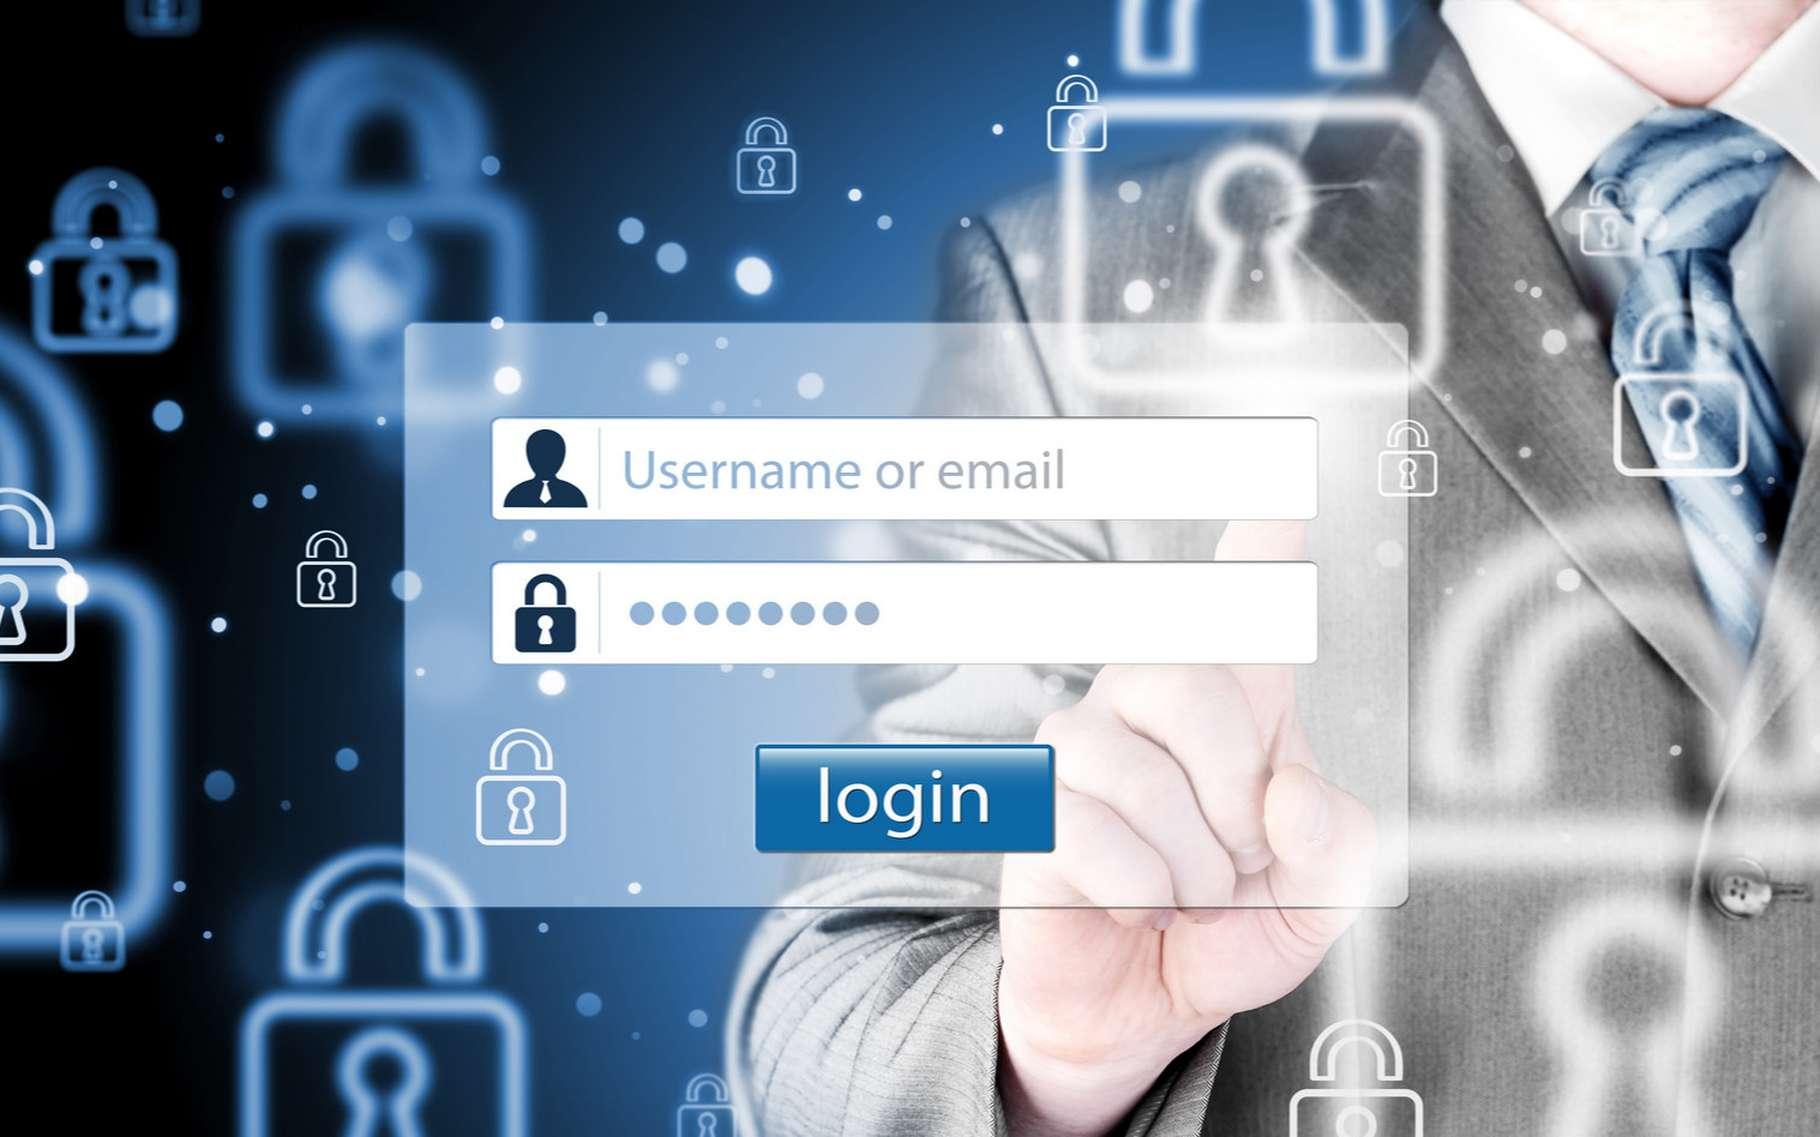 Les mots de passe sont un moyen de sécuriser l'accès aux données. © Nata-Lia, Shutterstock